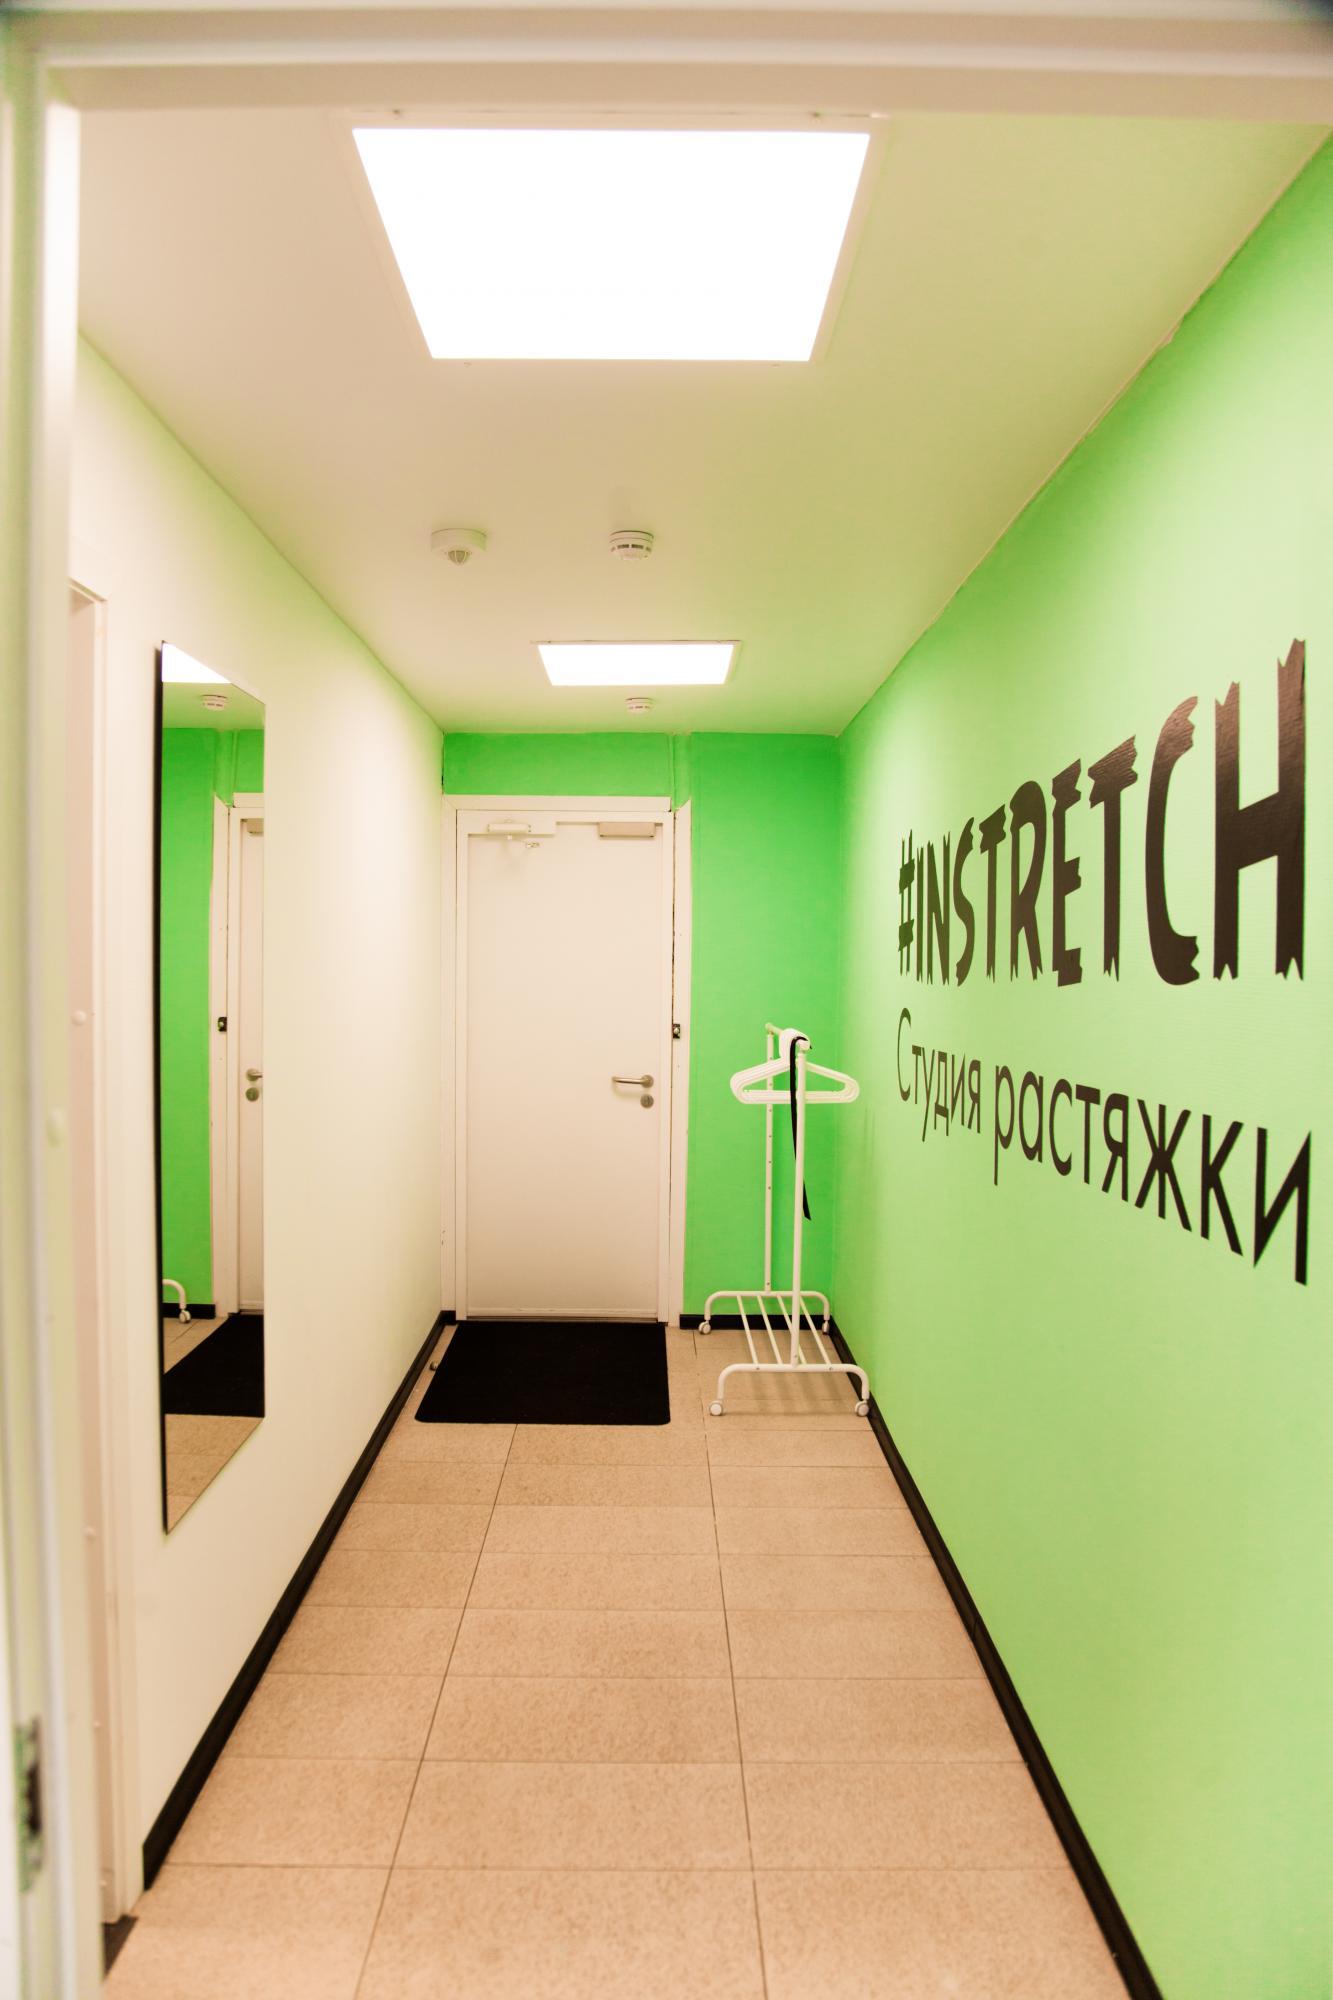 Аренда спортивного зала почасово в Москве 89163183611 купить 6